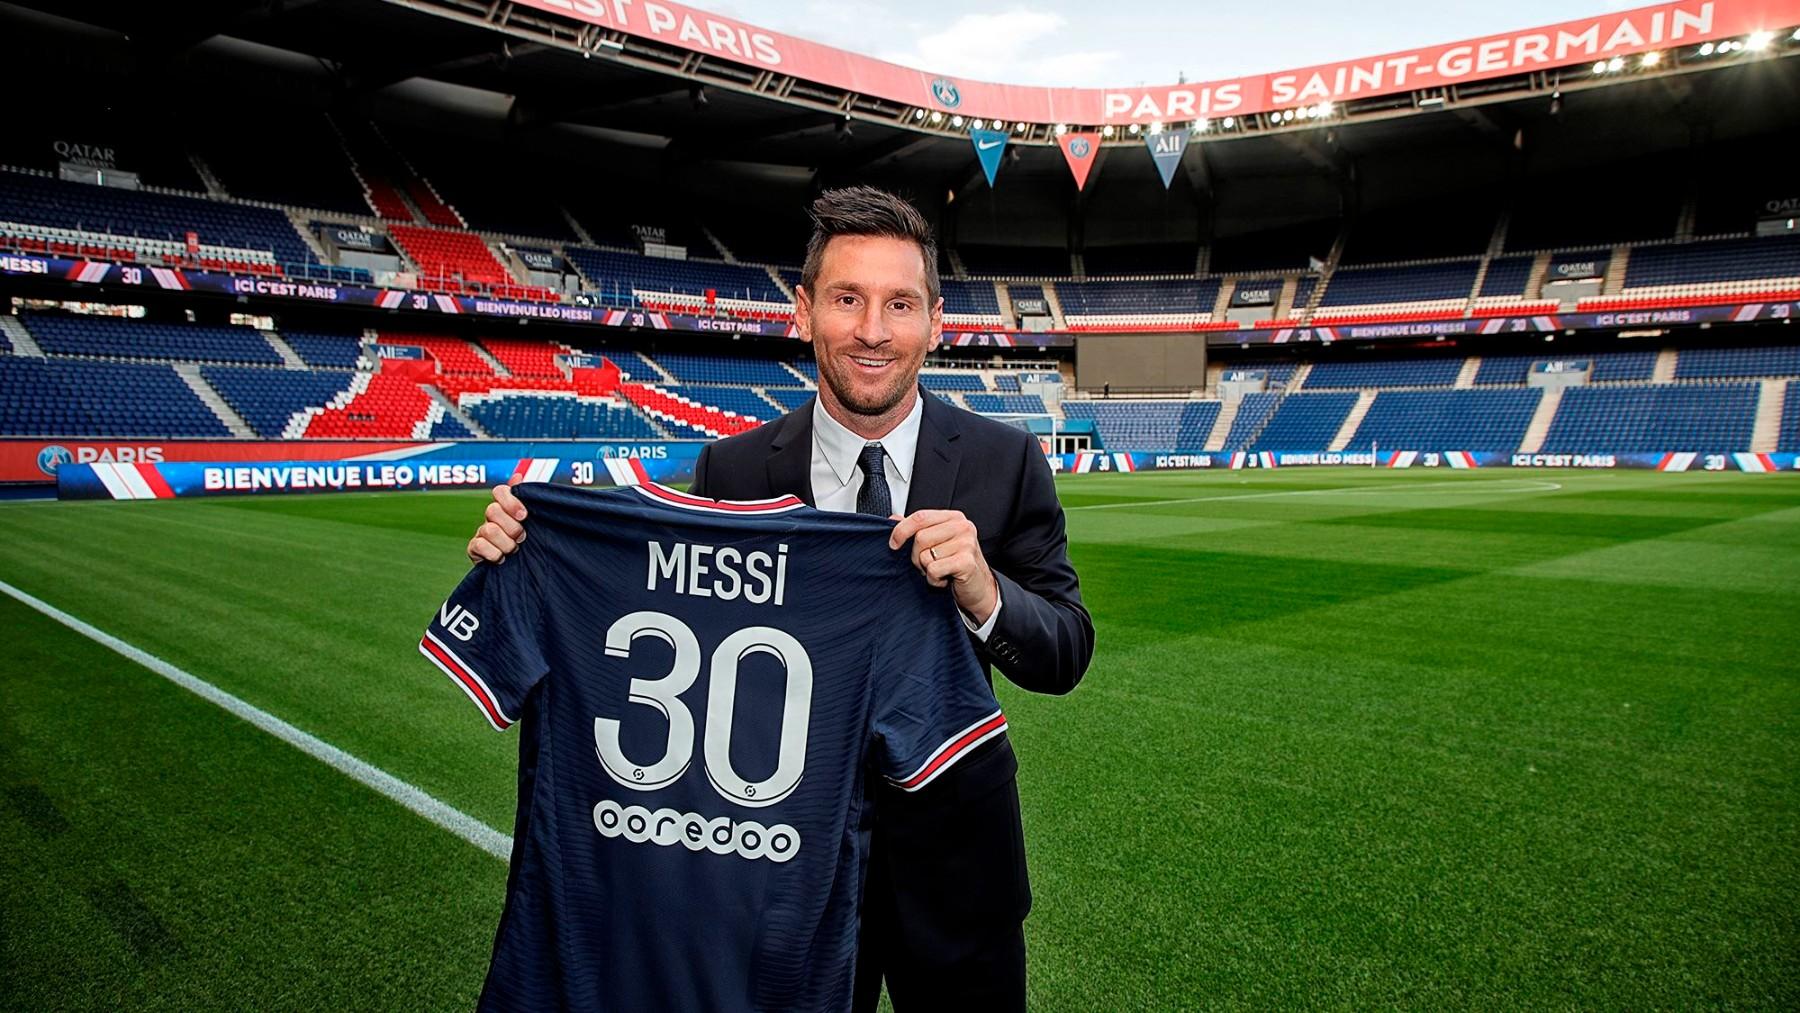 Leo Messi posa con la camiseta del PSG, con el 30 a la espalda. (psg.fr)